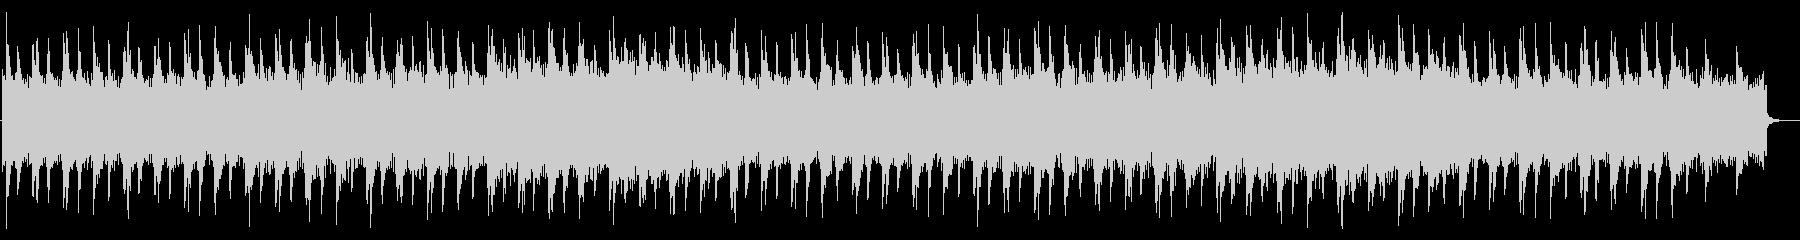 感動的な映像に合うピアノとストリングスの未再生の波形